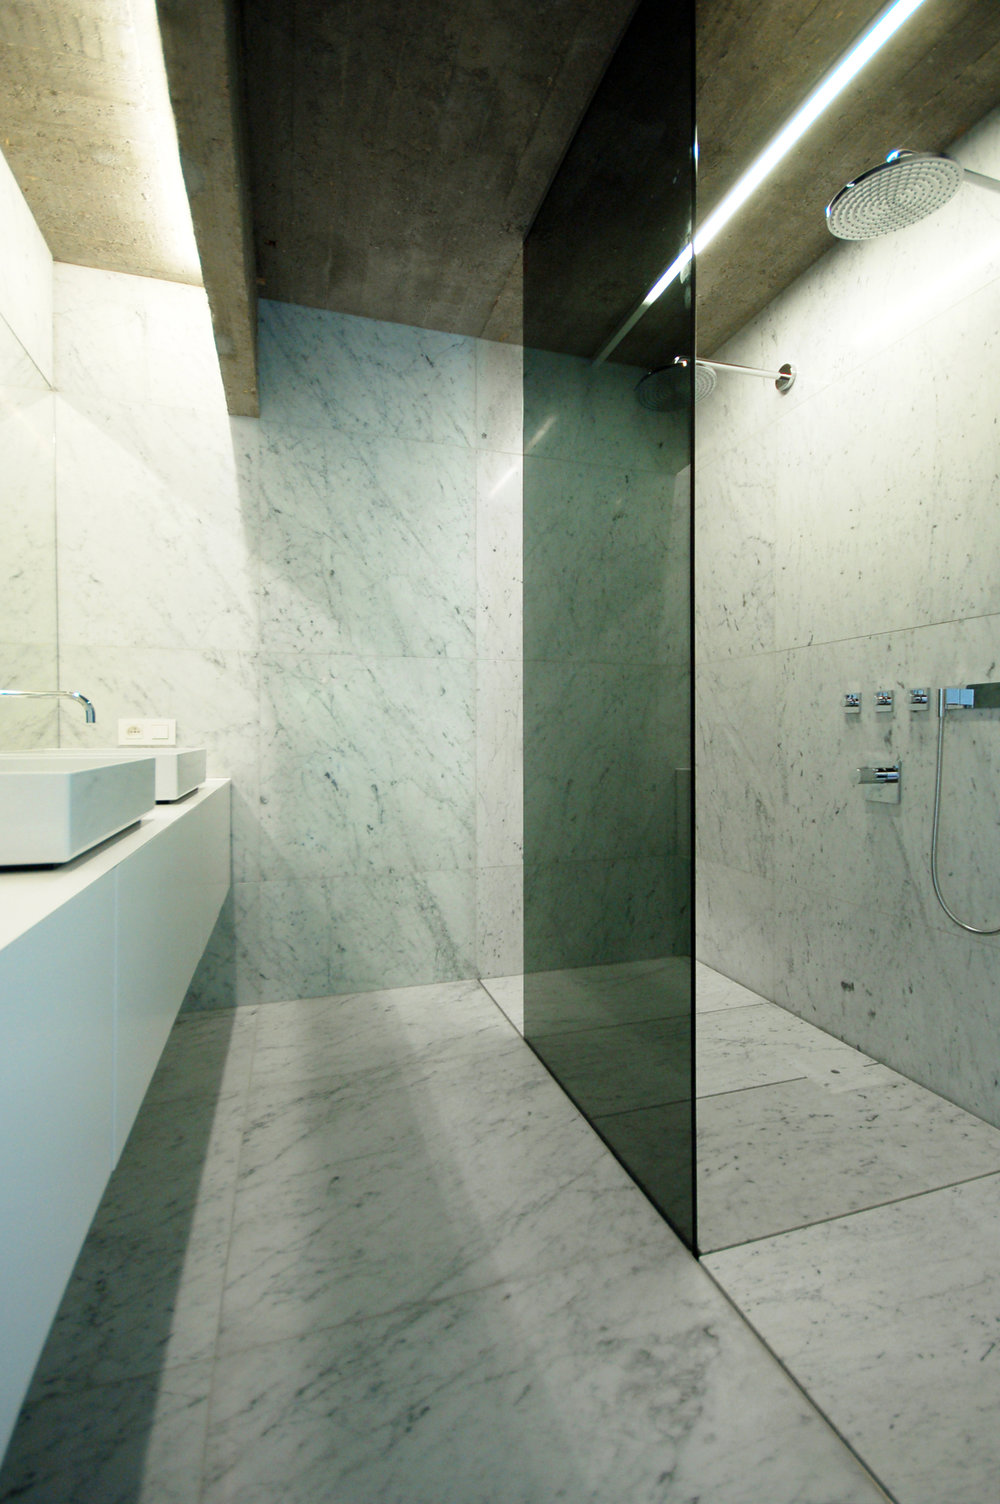 demeestervliegen-architecture-interior-interiorarchitecture-office12.jpg